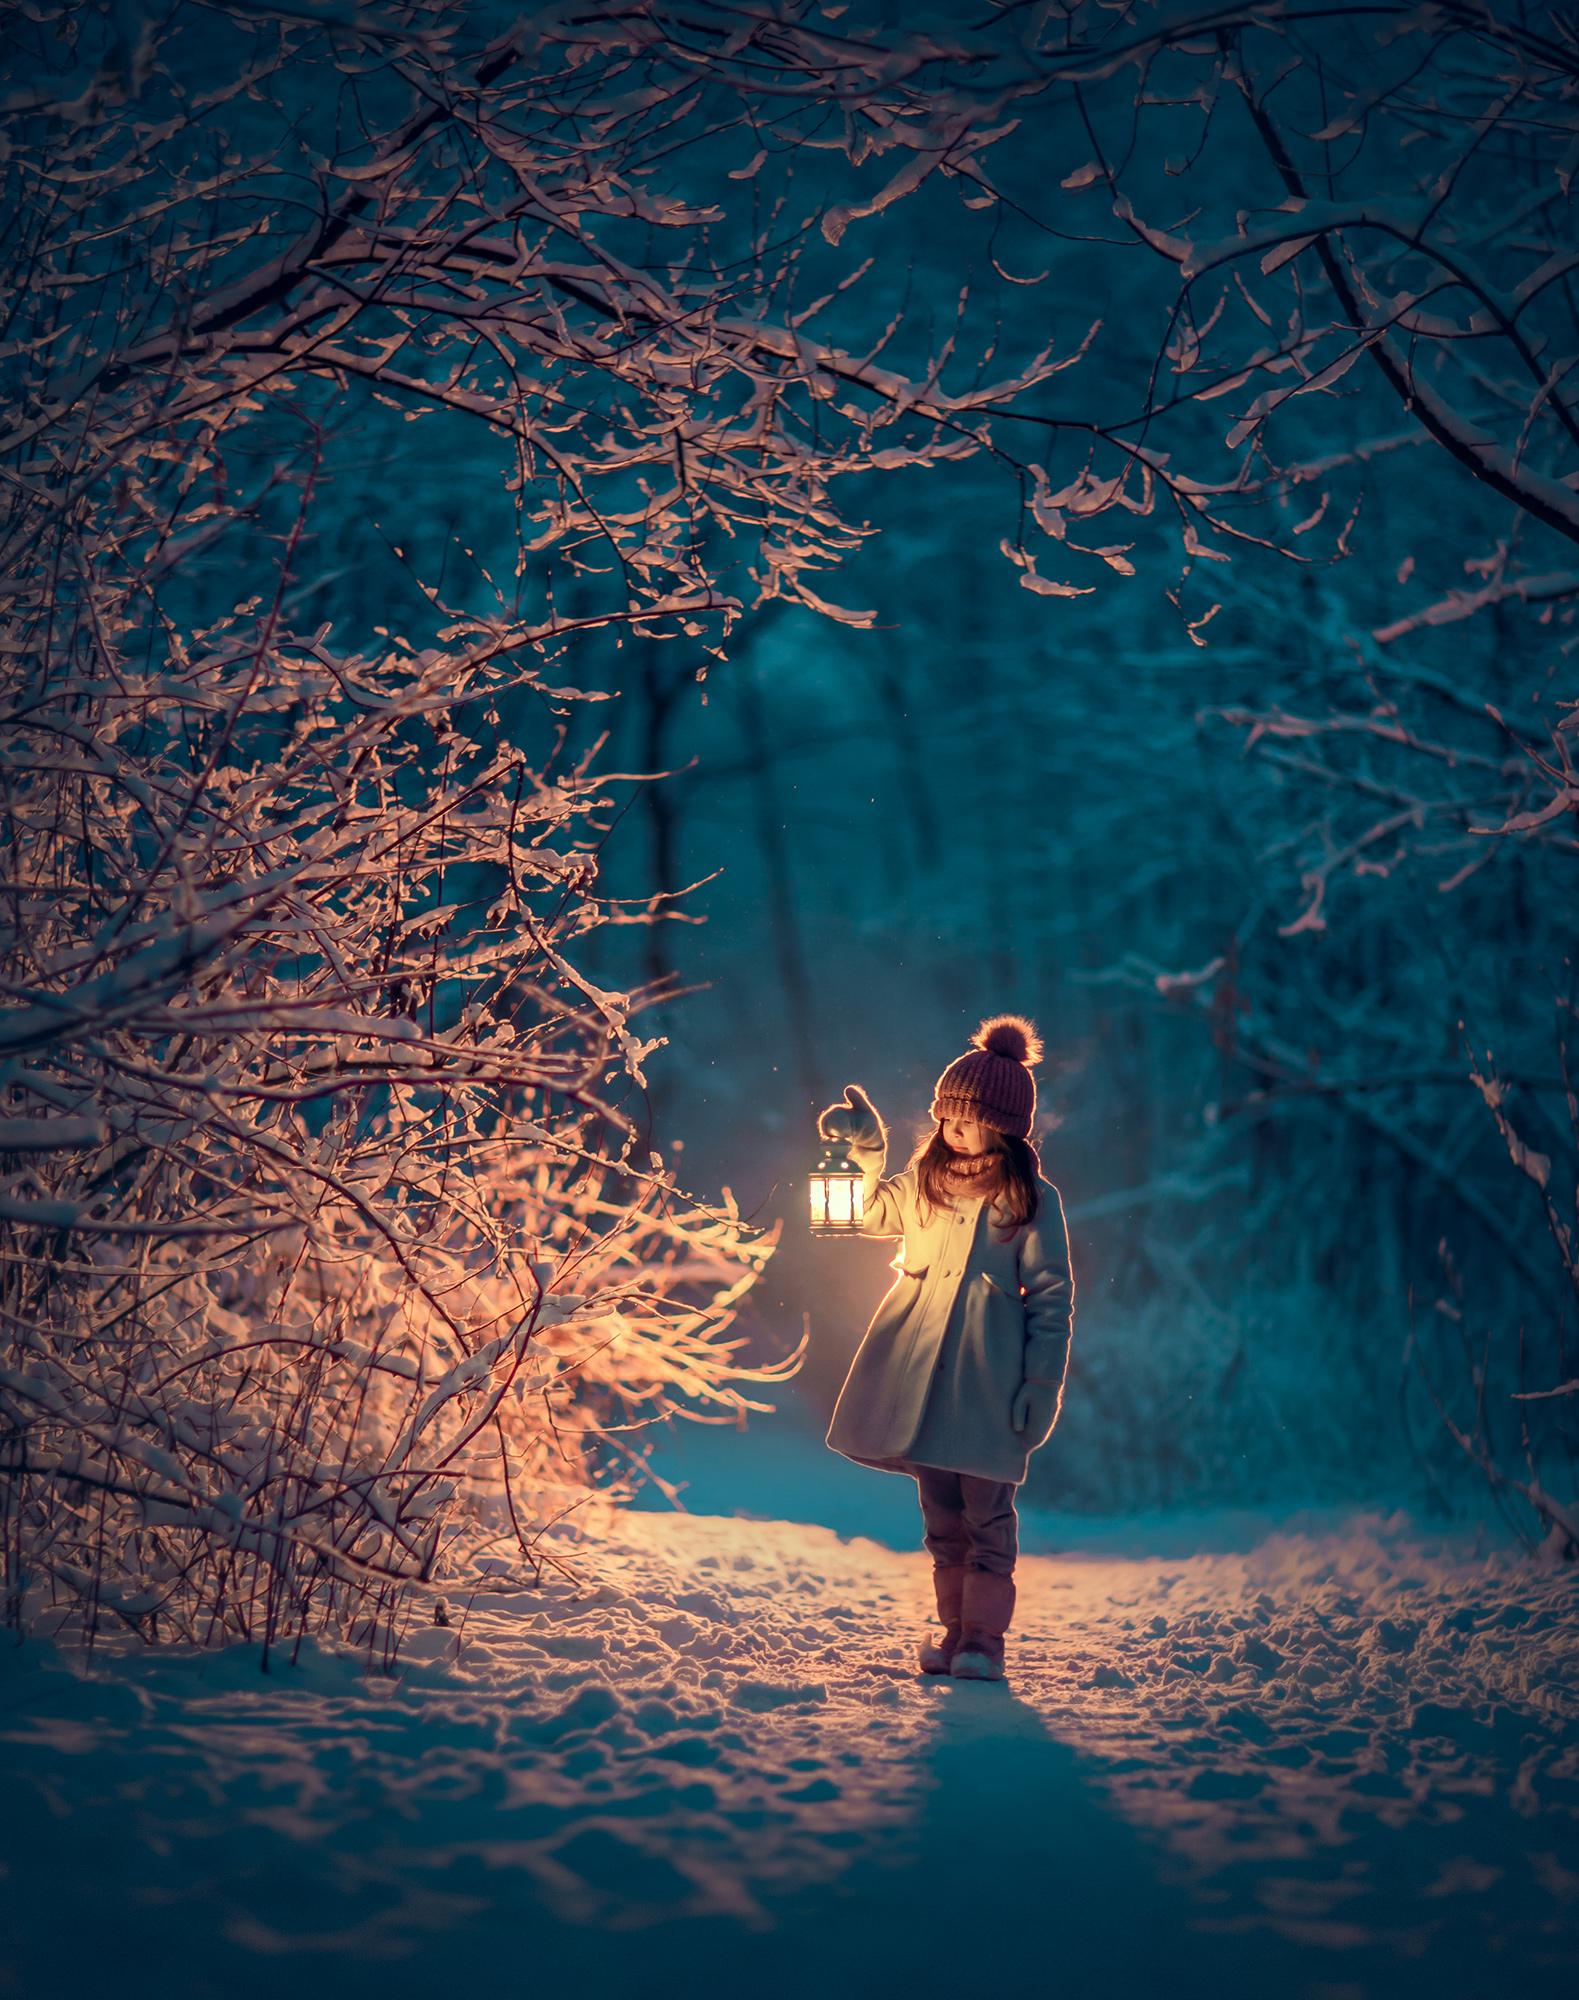 Зимняя фотосессия в москве, зимняя фотосессия, волшебная фотосессия, фотосессия на природе зимой. Детский и семейный фотограф Катрин Белоцерковская